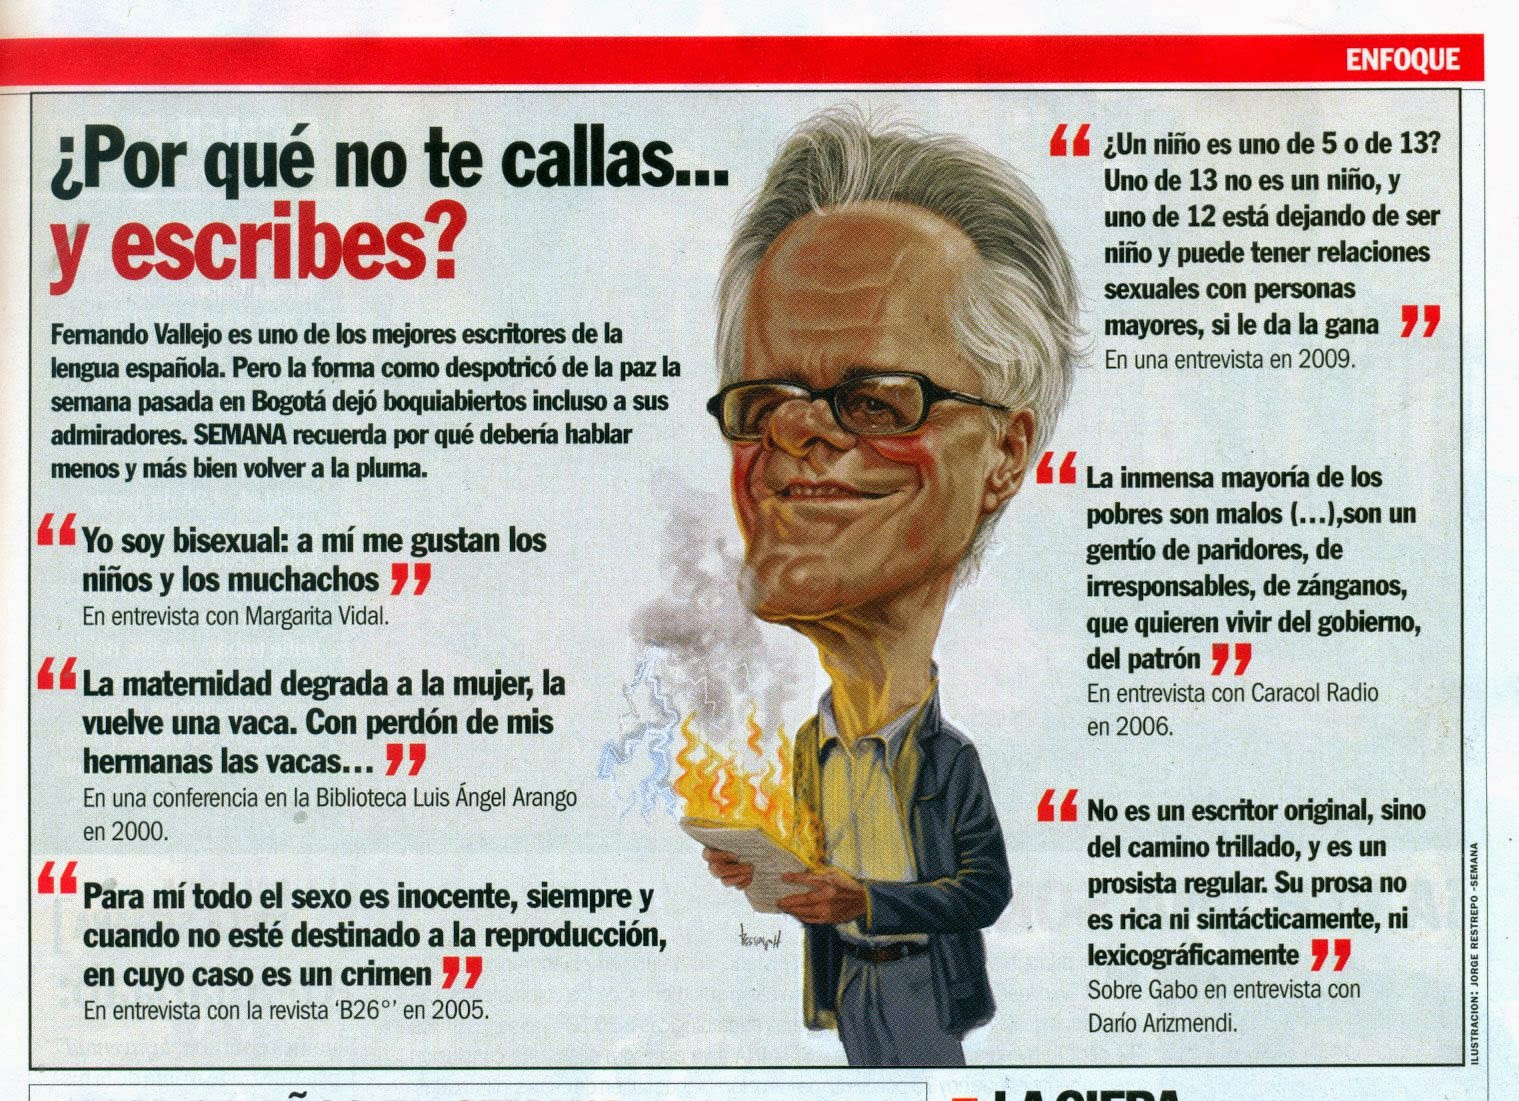 la revista semana en colombia: